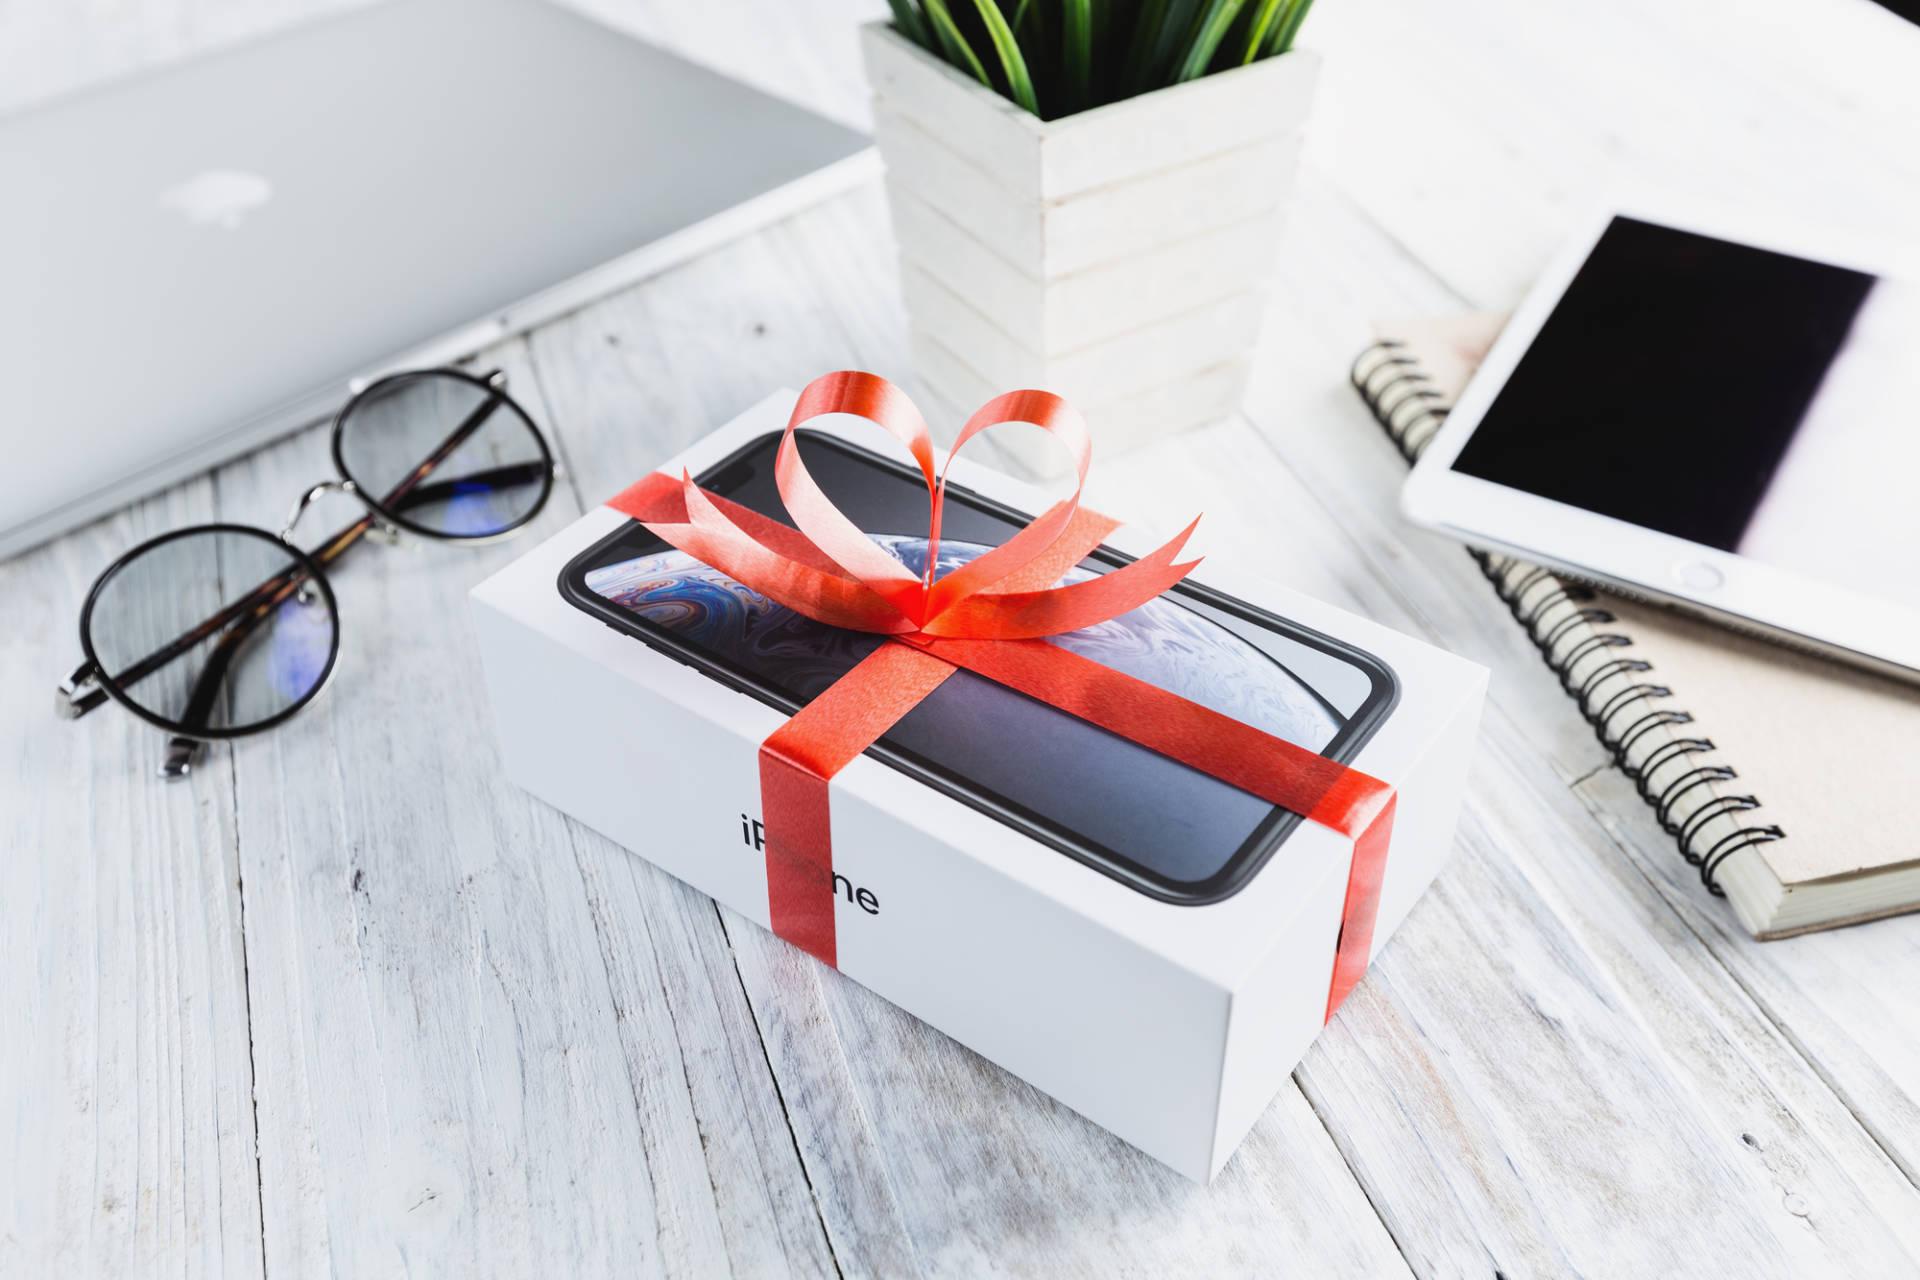 iPhone XR 2019: batteria più potente e nuovi colori